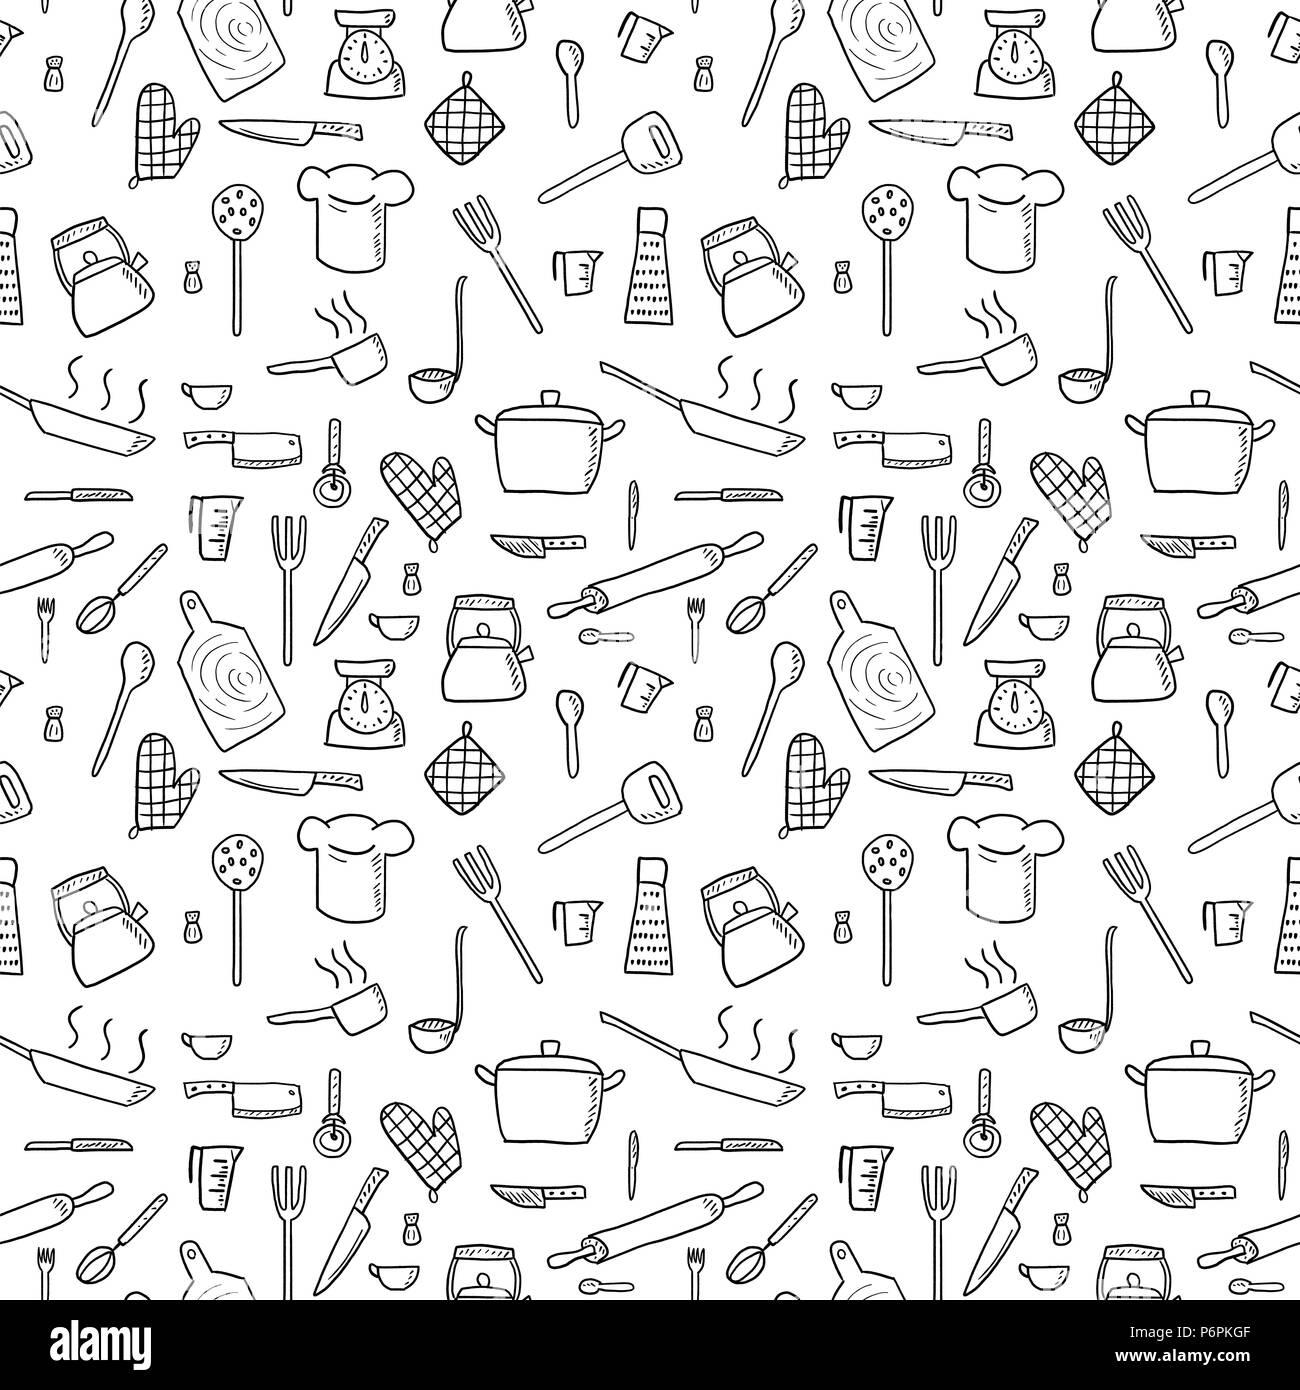 kitchen utensils background retro kitchen cooking utensils and kitchen tools seamless background doodle vector